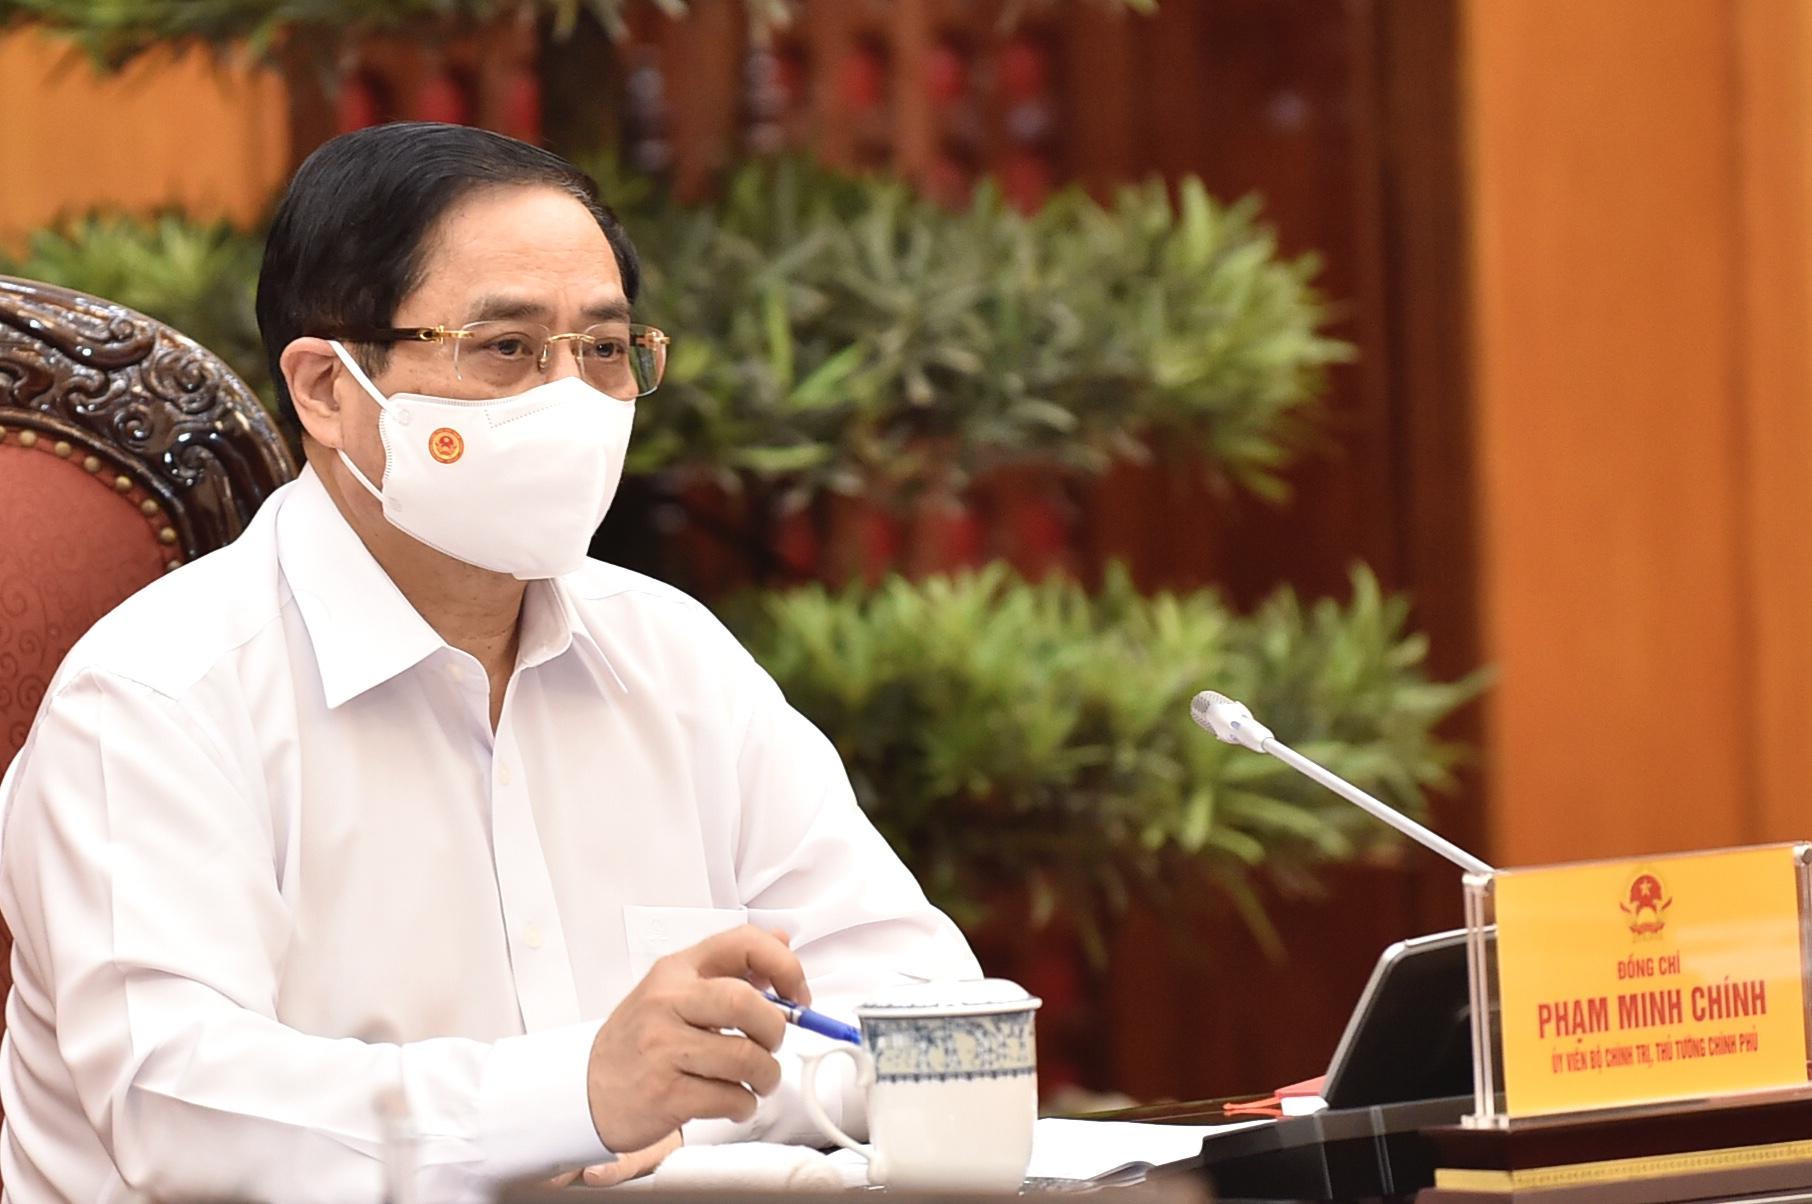 Thủ tướng Phạm Minh Chính: Mầm bệnh xuất phát từ bên ngoài, cho thấy những sơ hở trong kiểm soát, quản lý nhập cảnh - Ảnh 1.